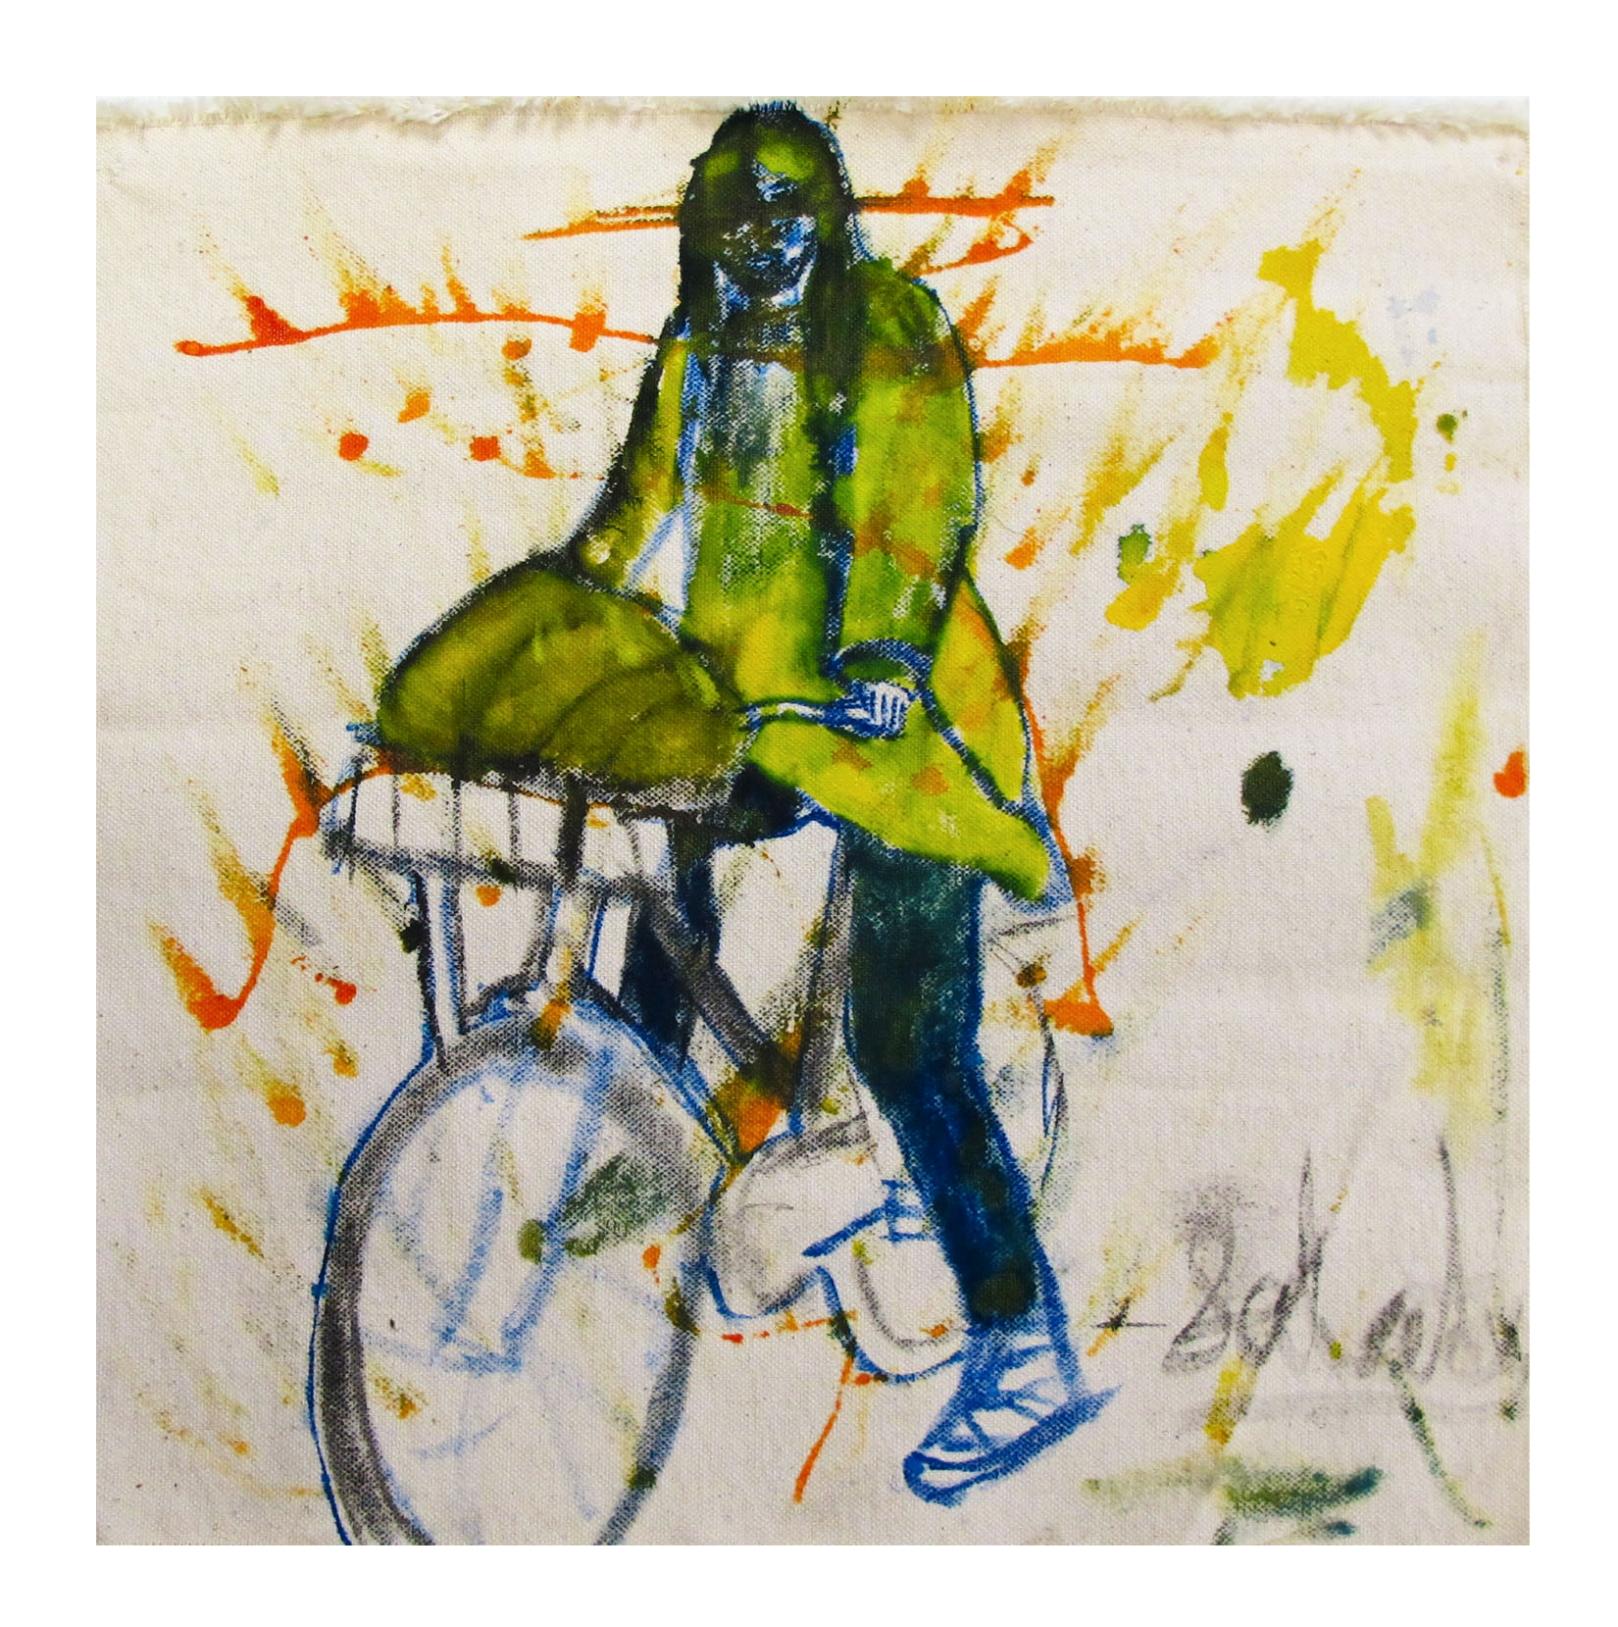 76.girl on bike.jpg